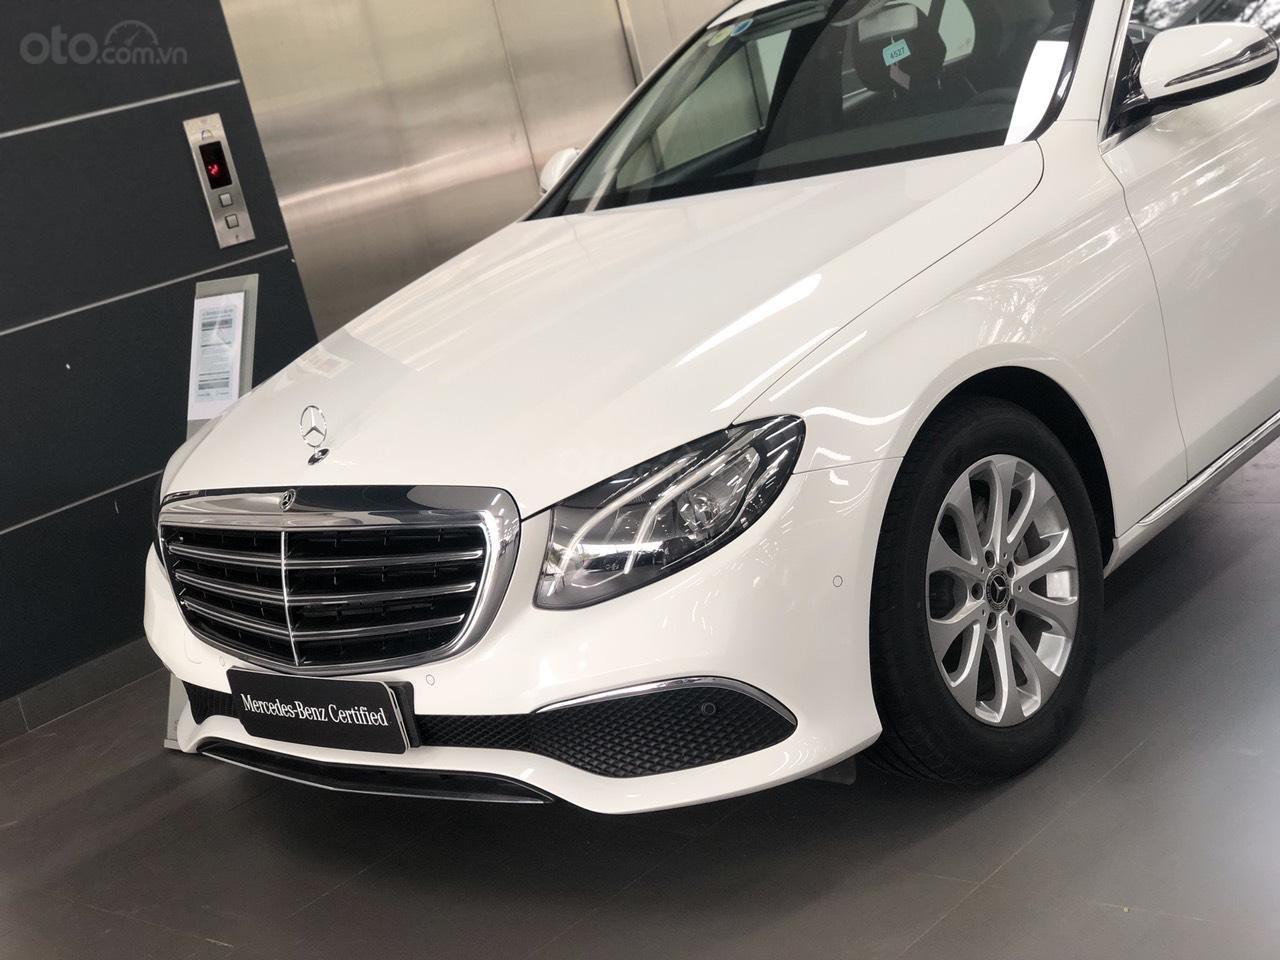 Bán Mercedes-Benz E200 2019 cũ, chính hãng, đi 50 km (2)